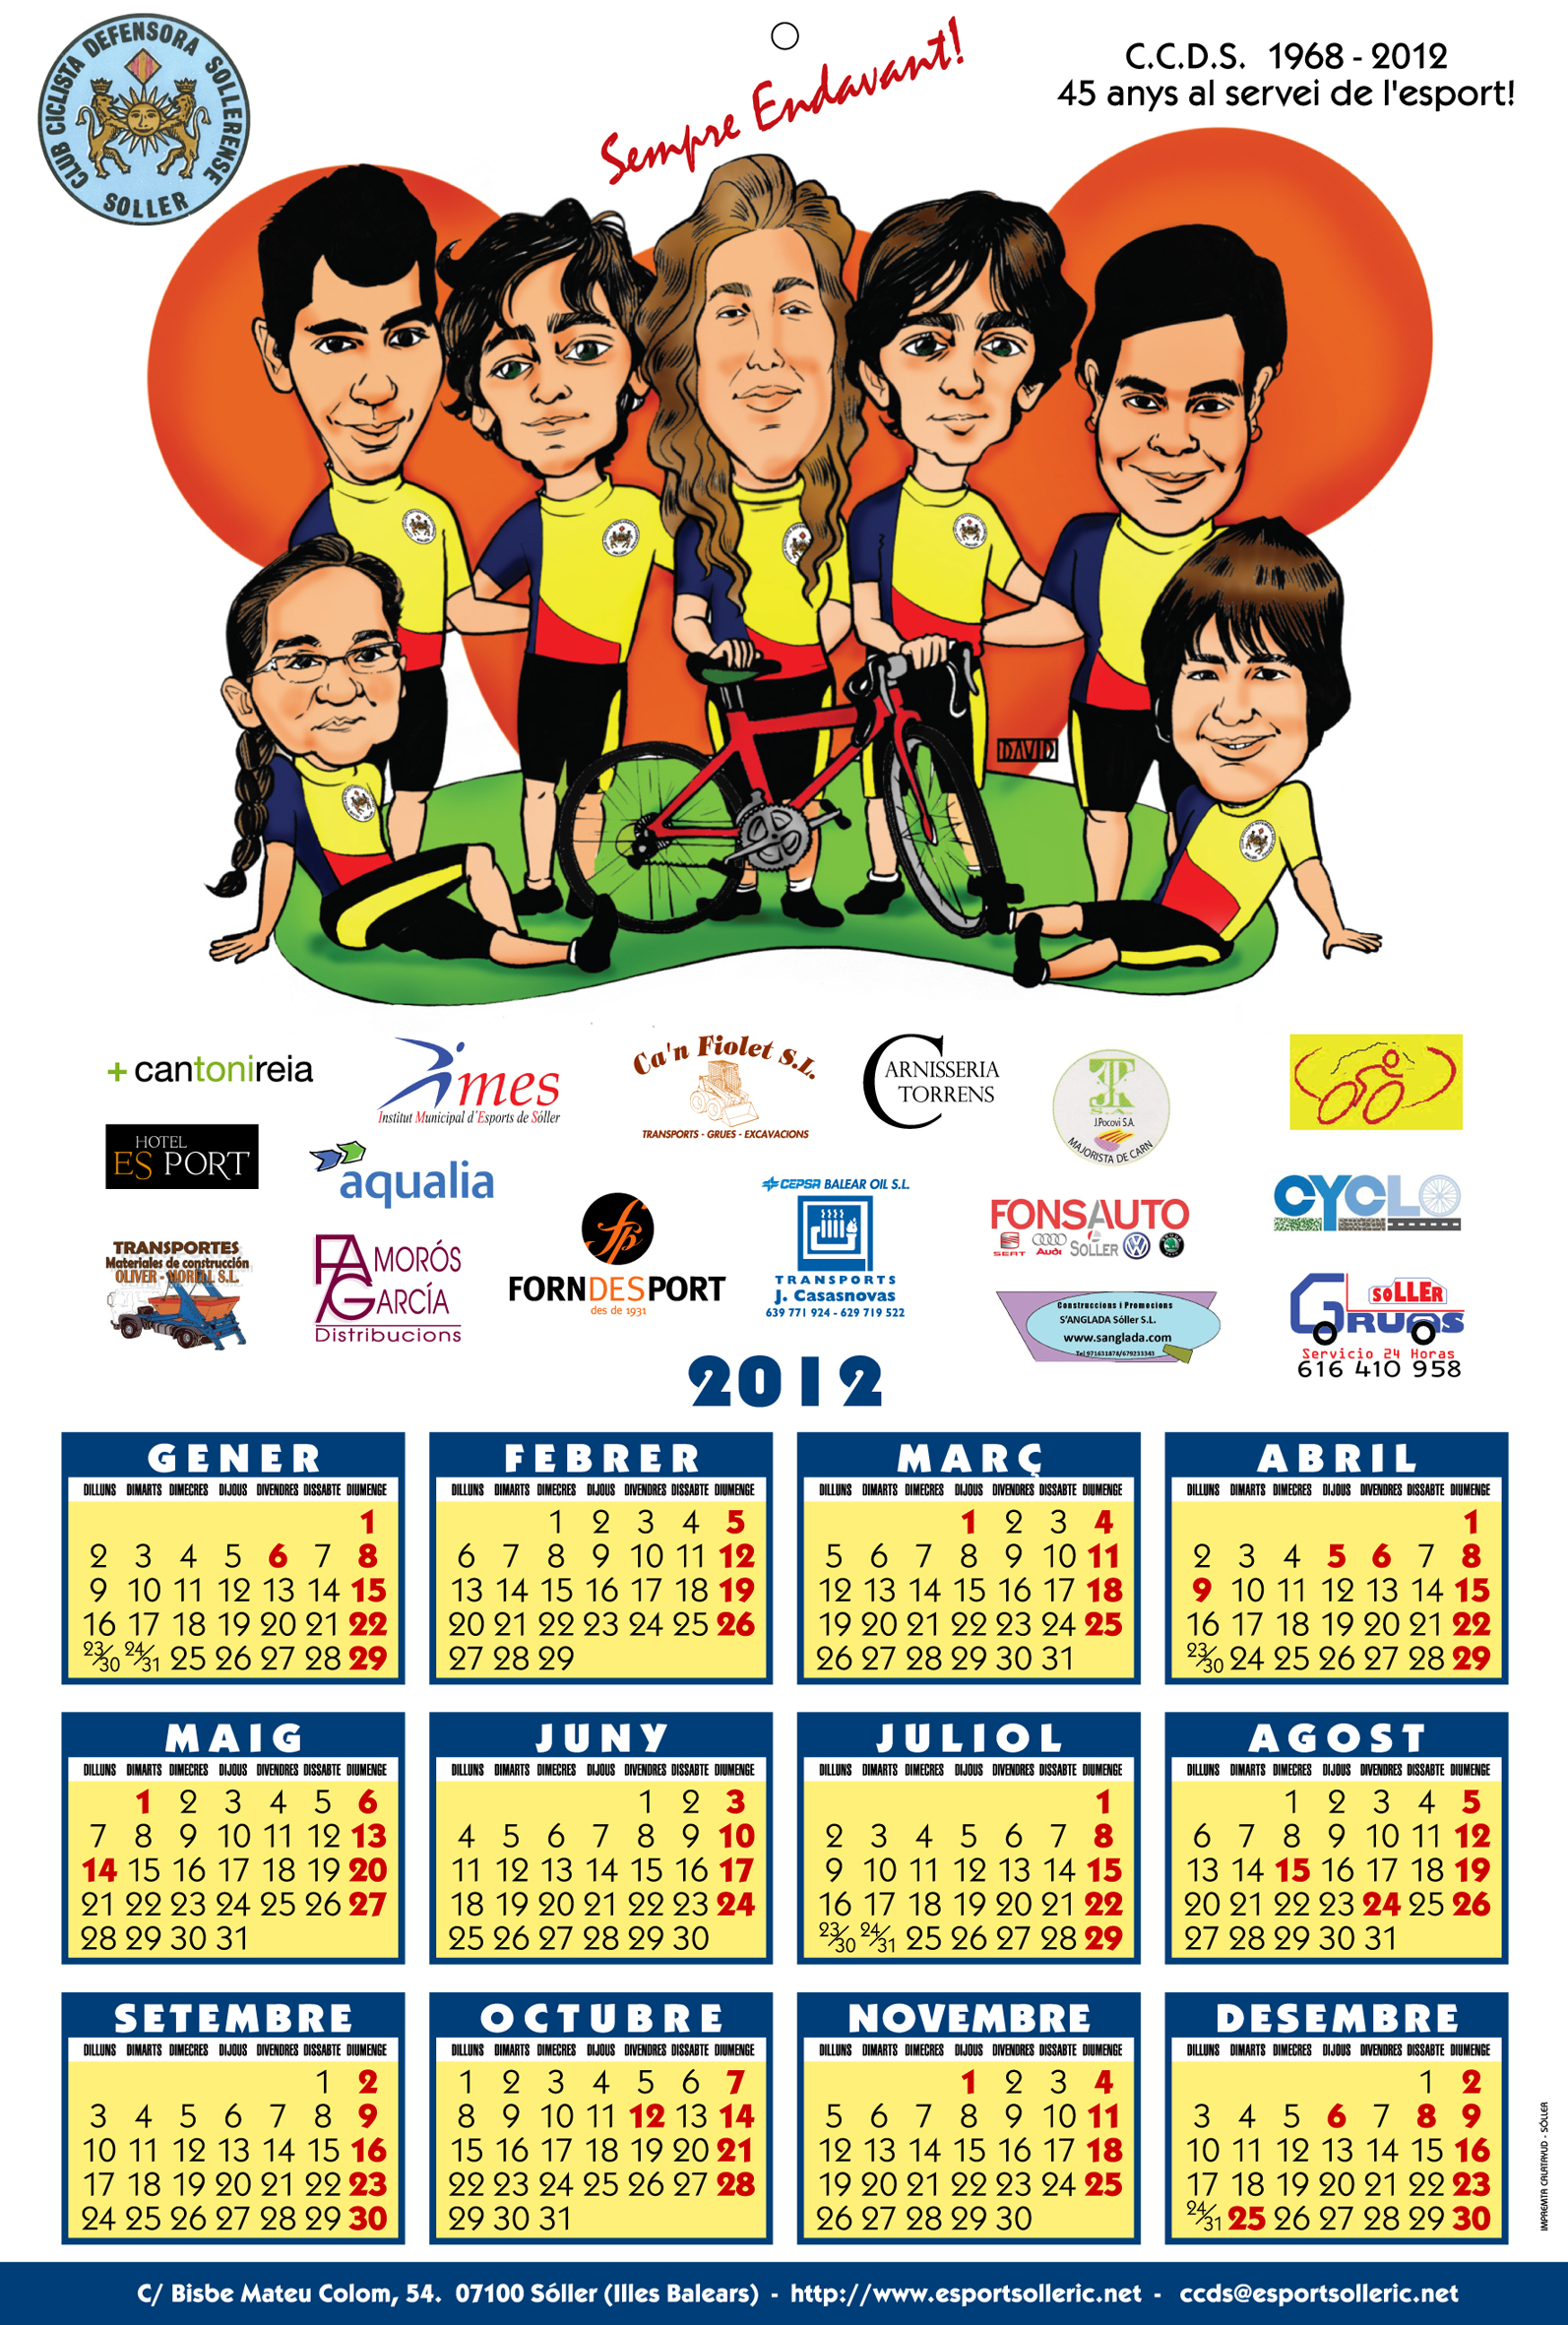 Calendari C.C.D.S. 2012.-